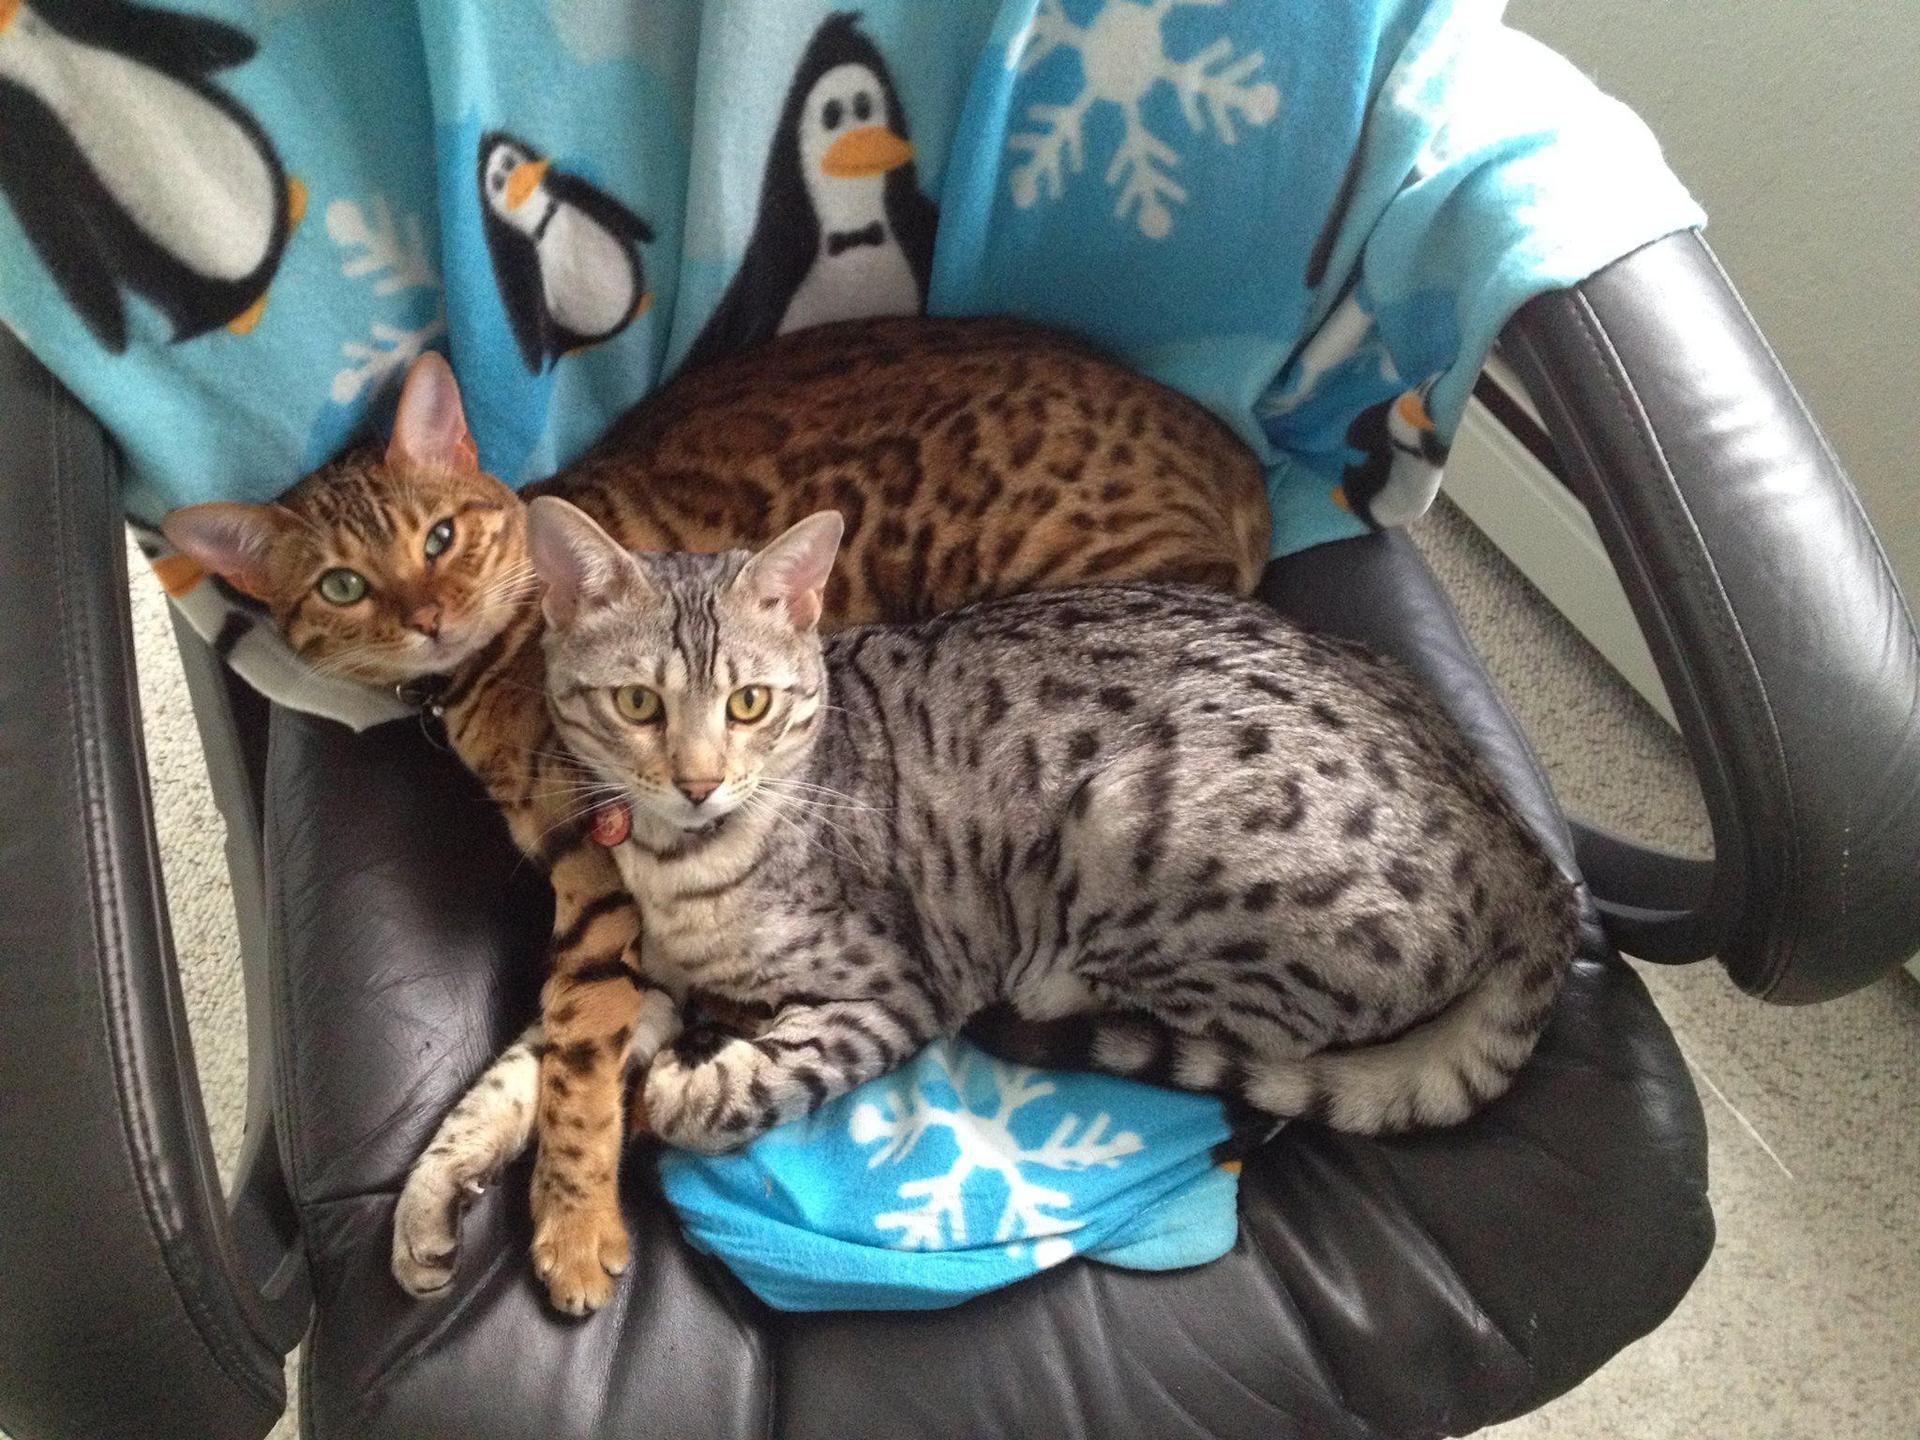 My 2 bengal kitties Kaylee (brown) and Hoban (silver).